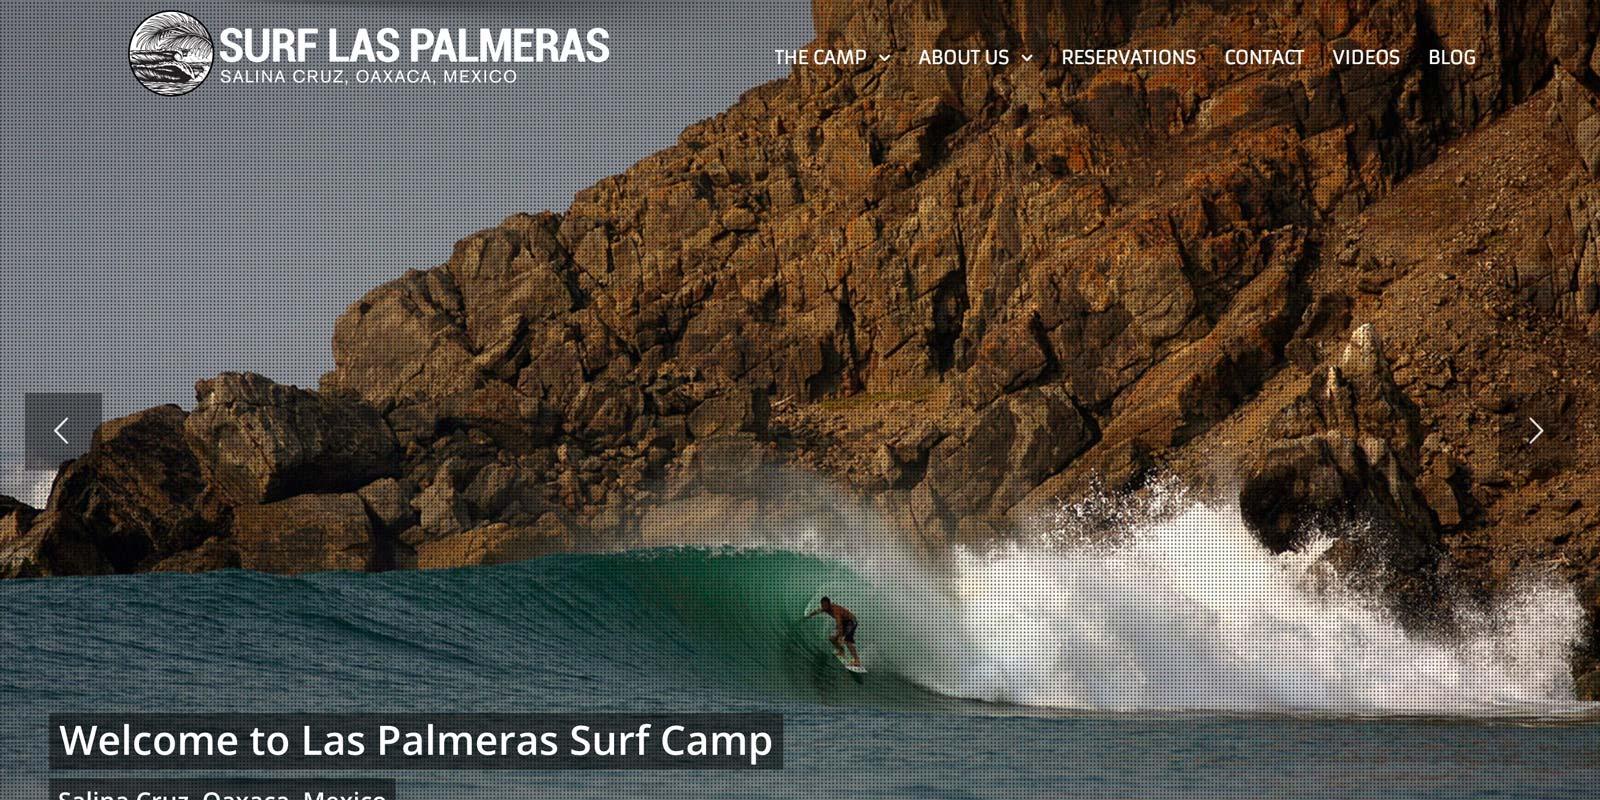 Las Palmeras Surf Camp Website